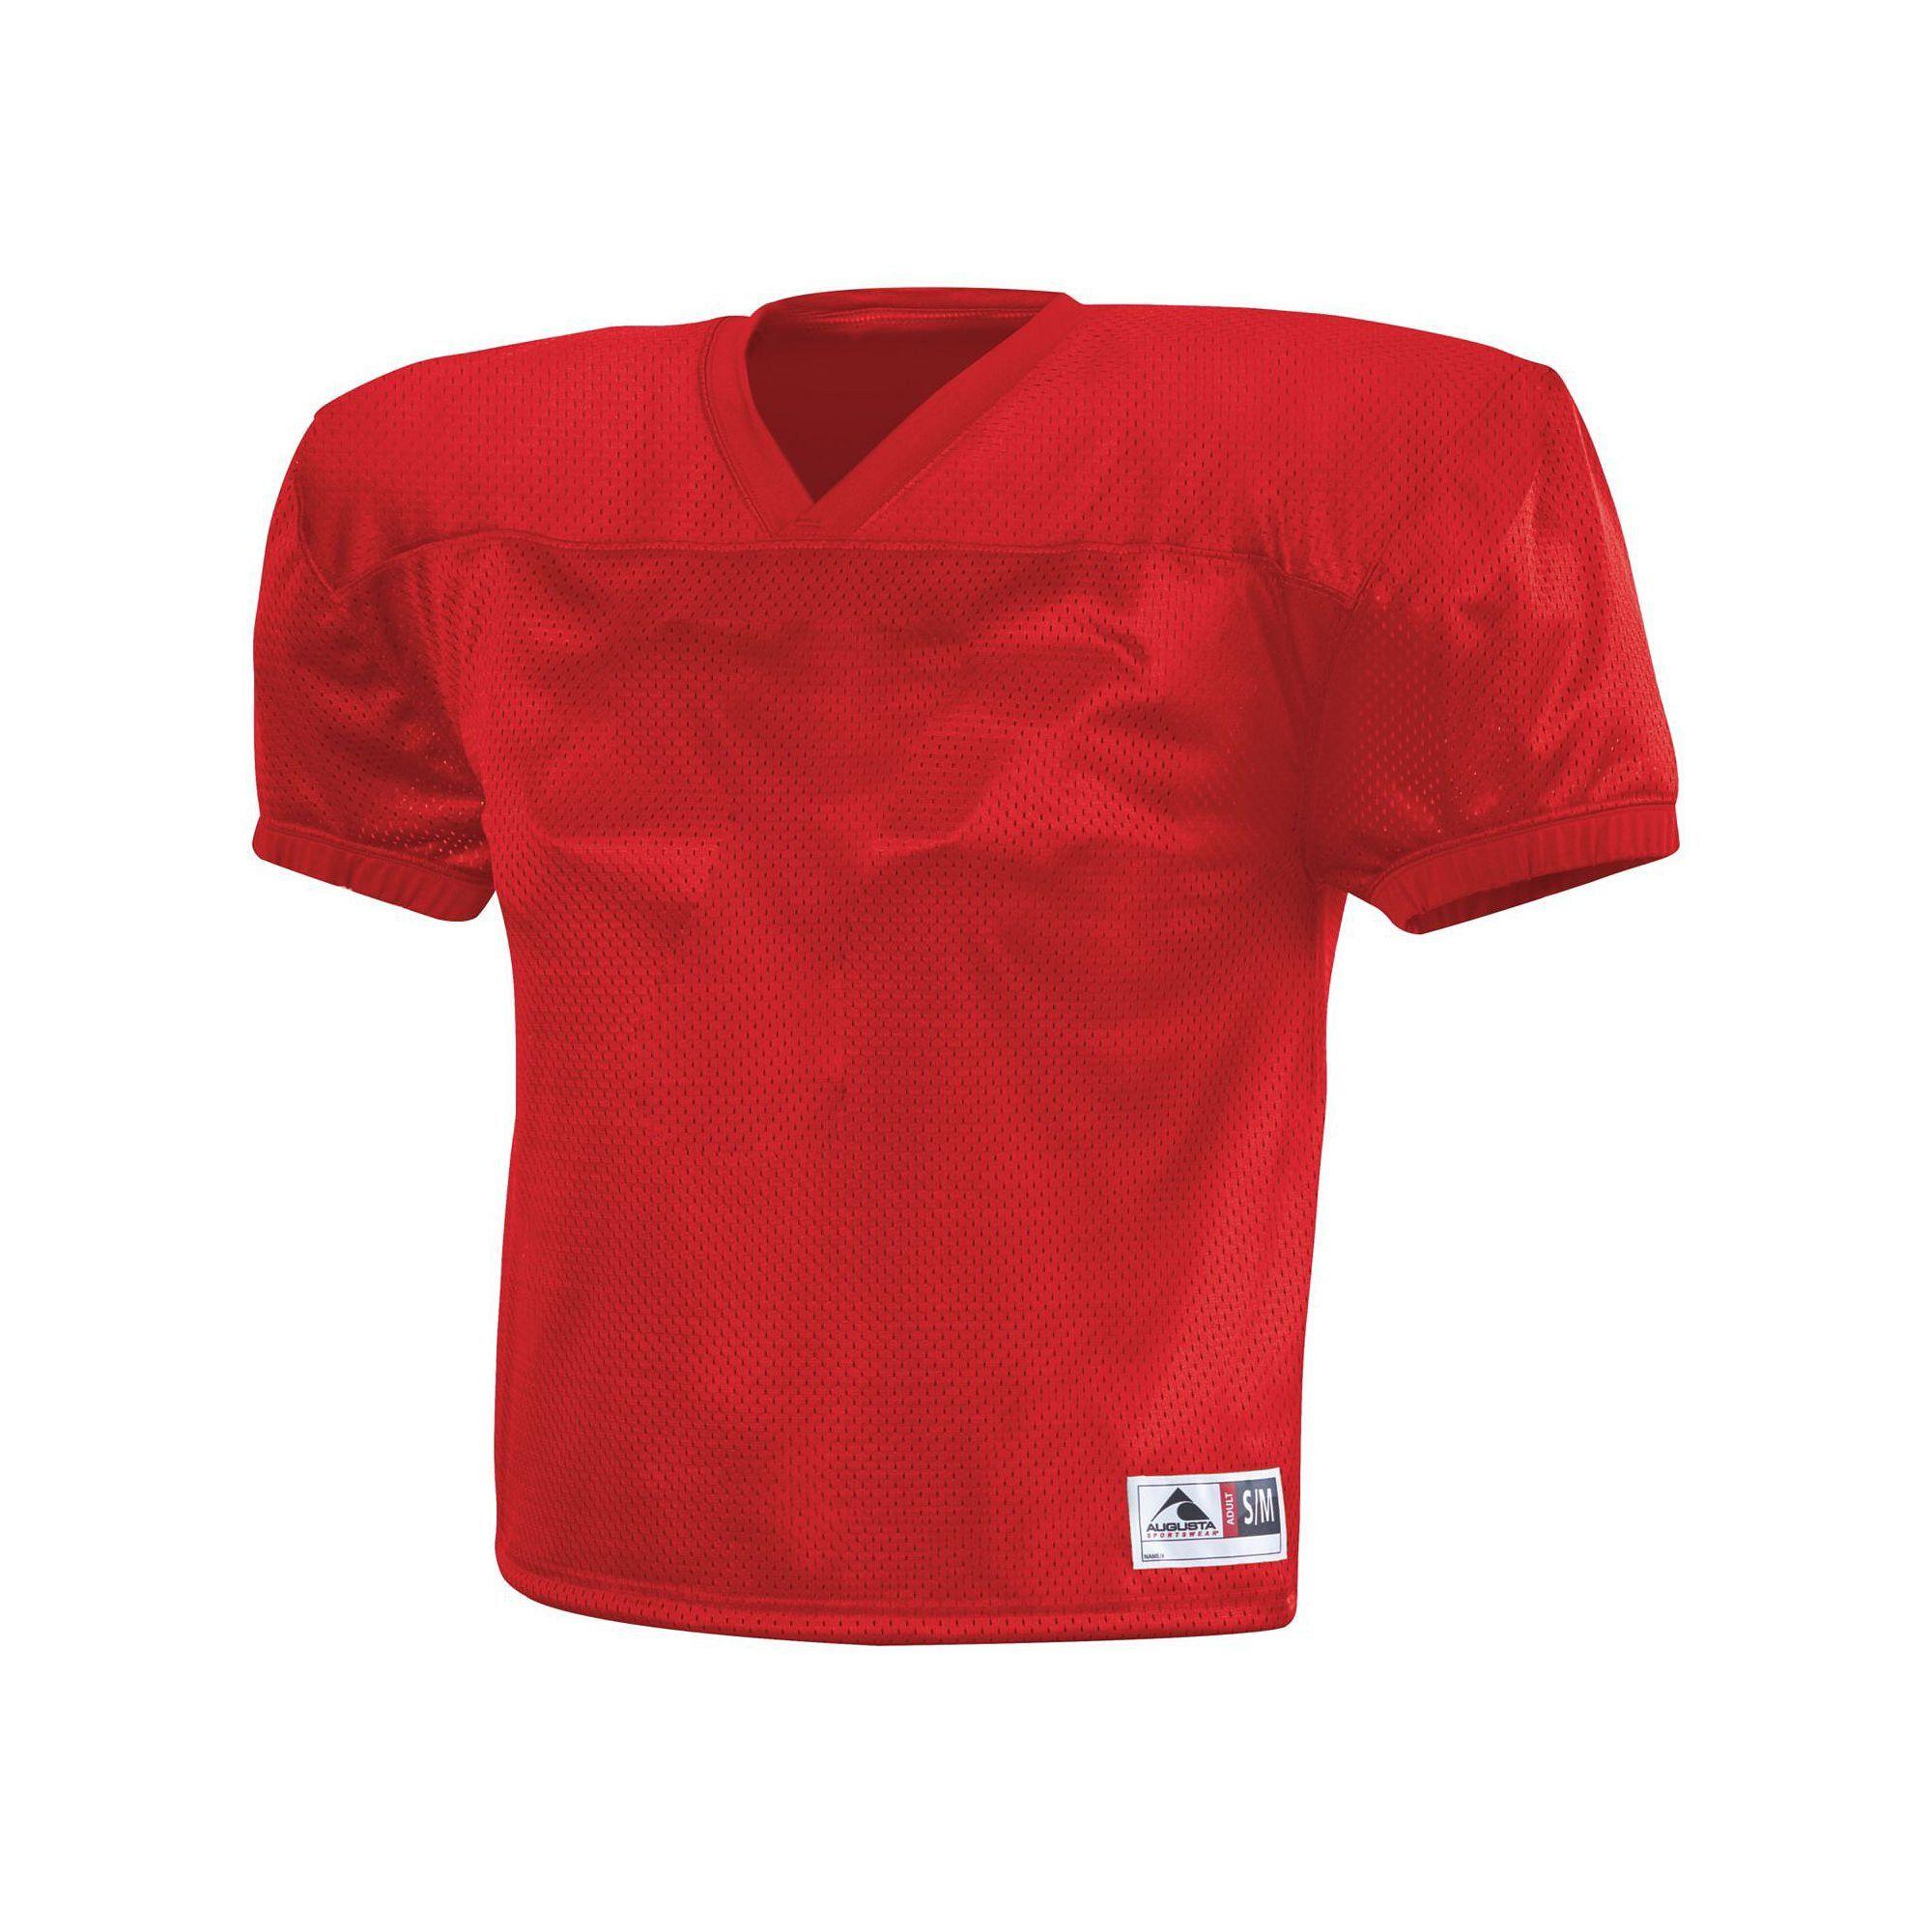 Augusta sportswear boys dash practice jersey sm red 100